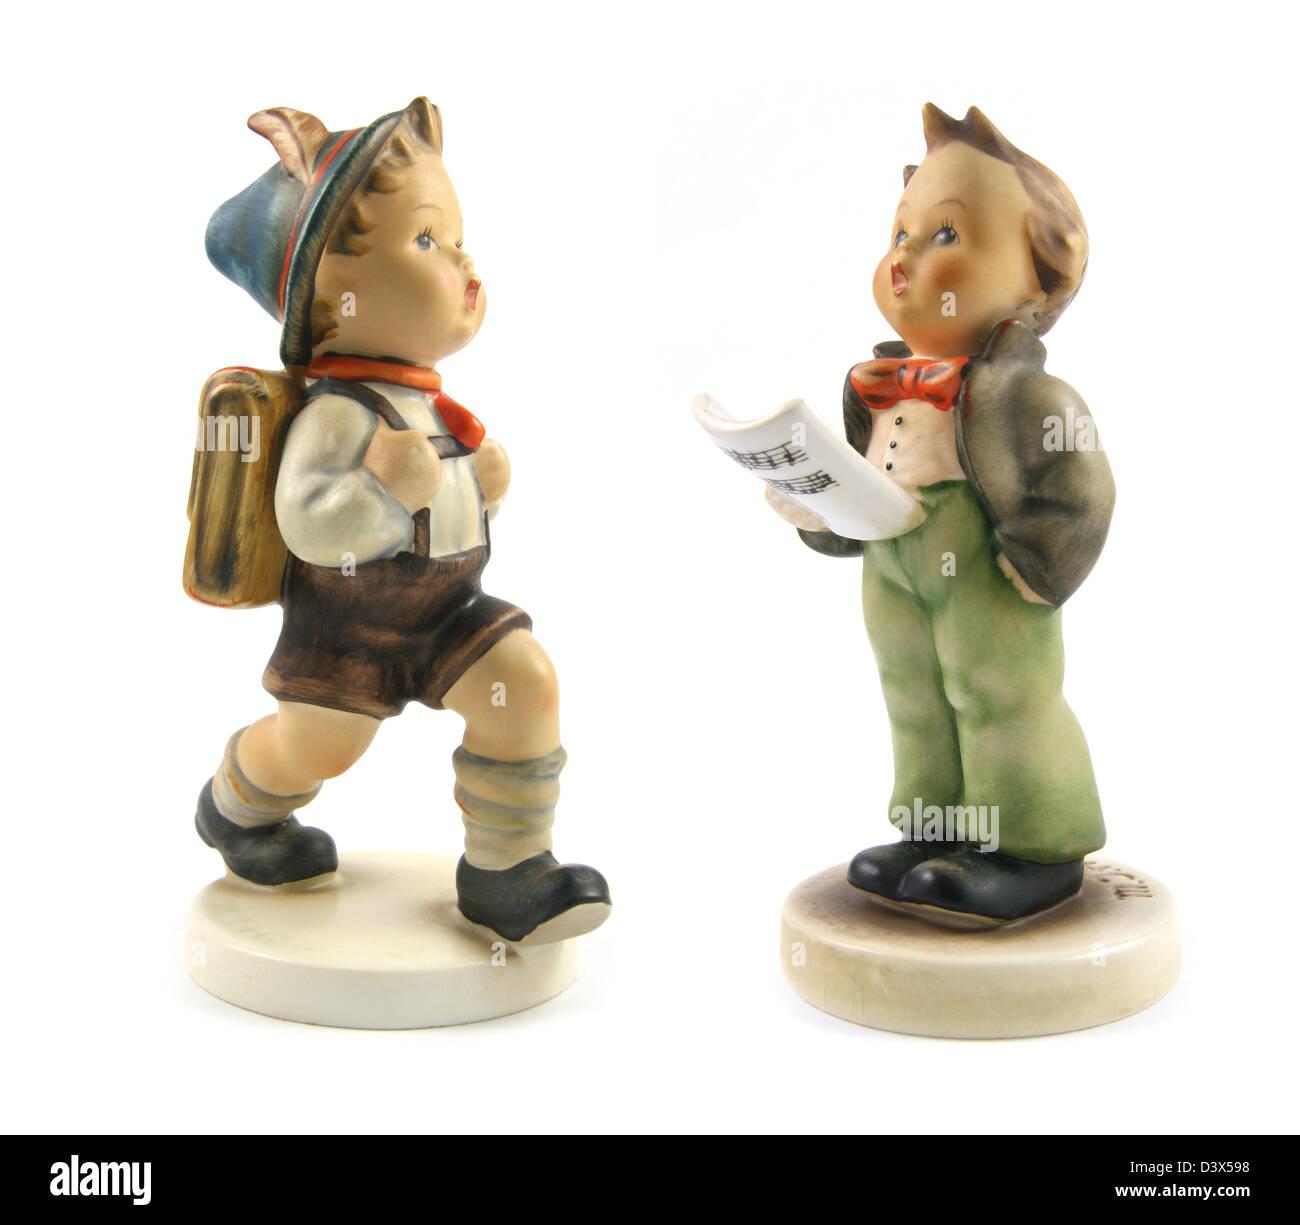 Goebel Hummel figurines: School Boy (left) and The Soloist. - Stock Image